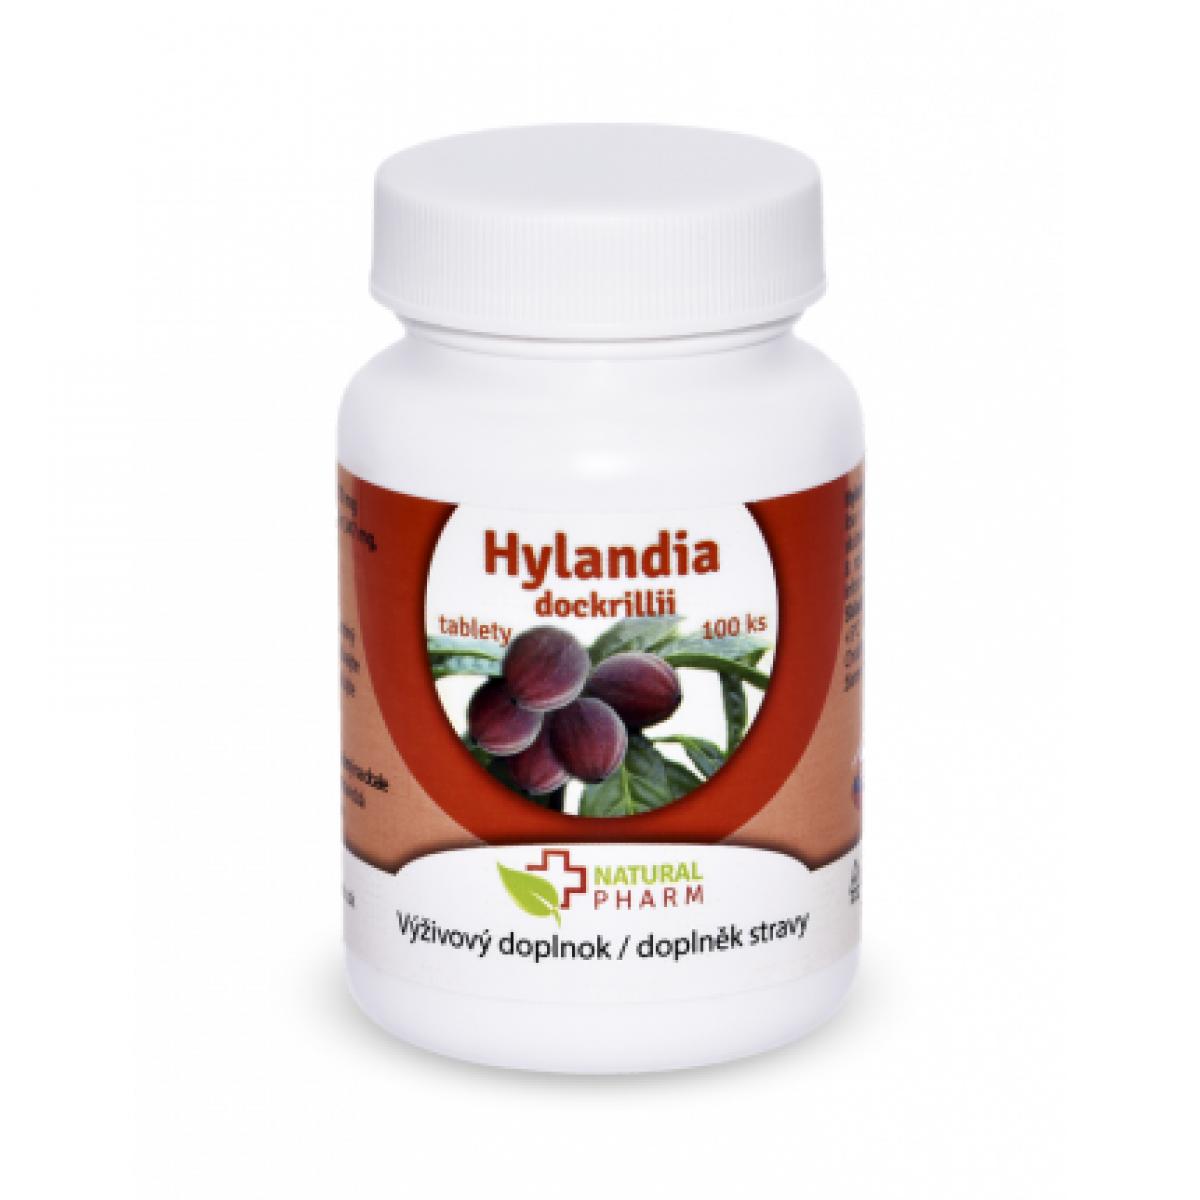 Hylandia dockrillii (Blushwood) tablety - 100 ks